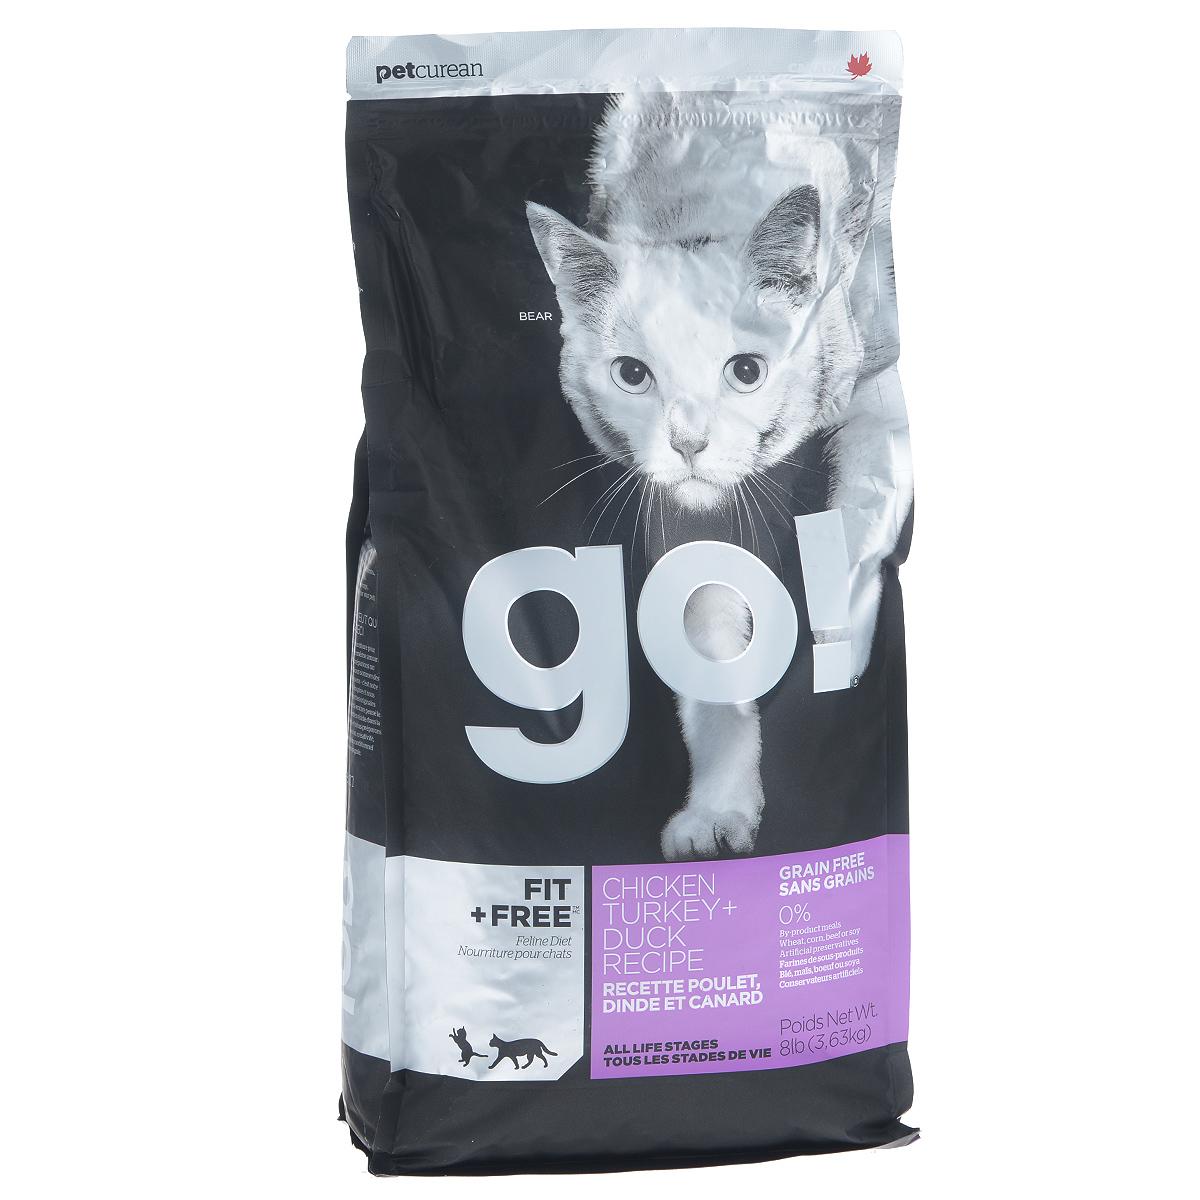 Гипоаллергенный корм для кошек: какой лучше